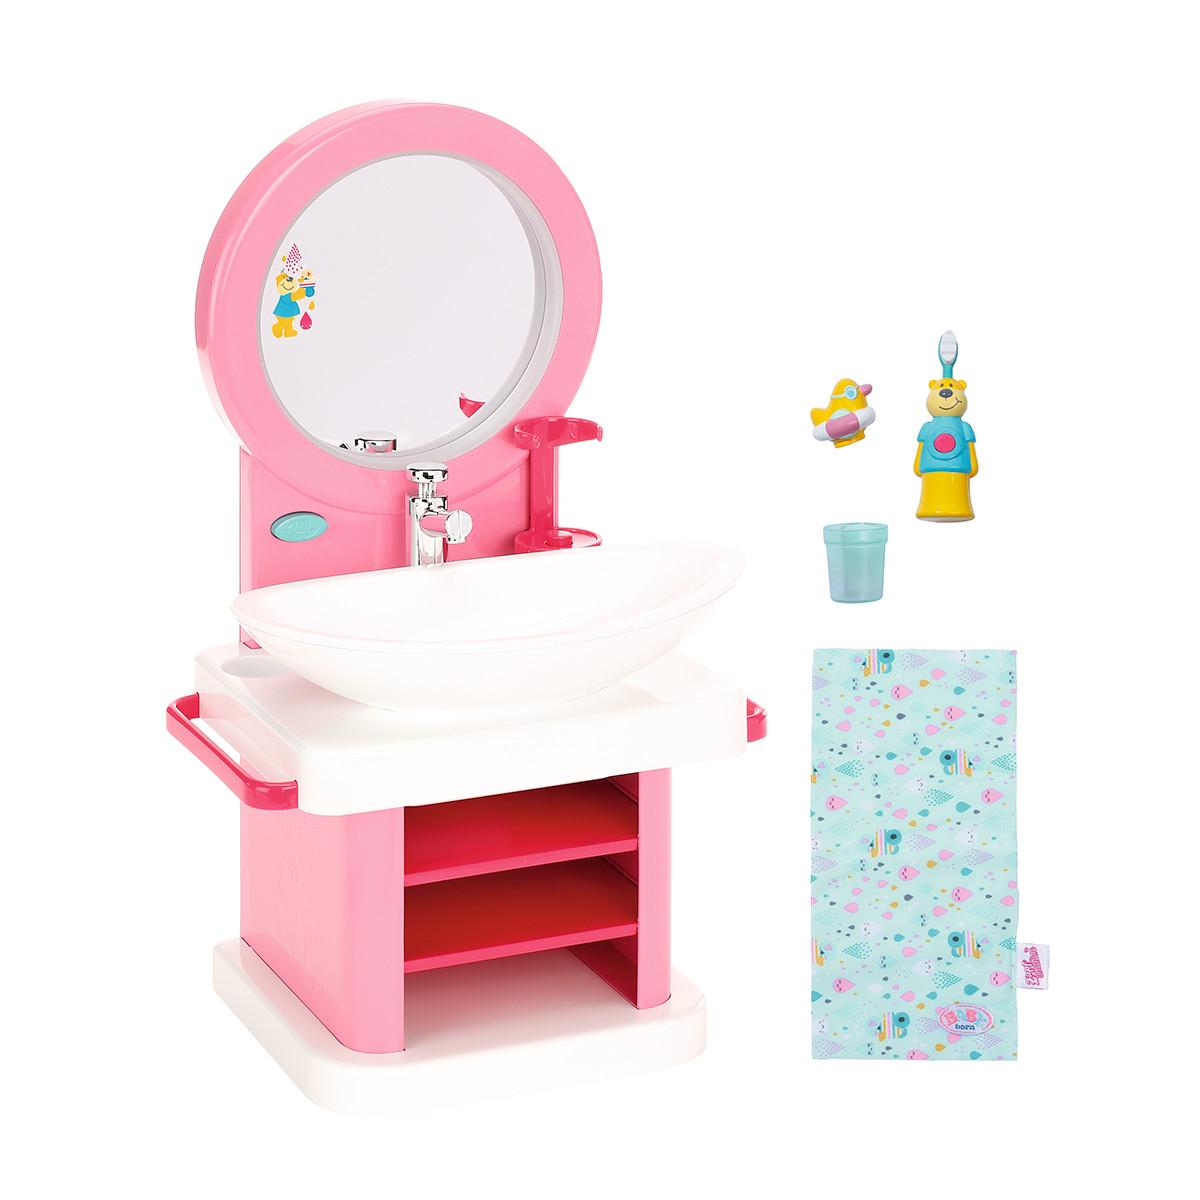 Интерактивный умывальник Водные забавы для куклы Baby Born, 827093